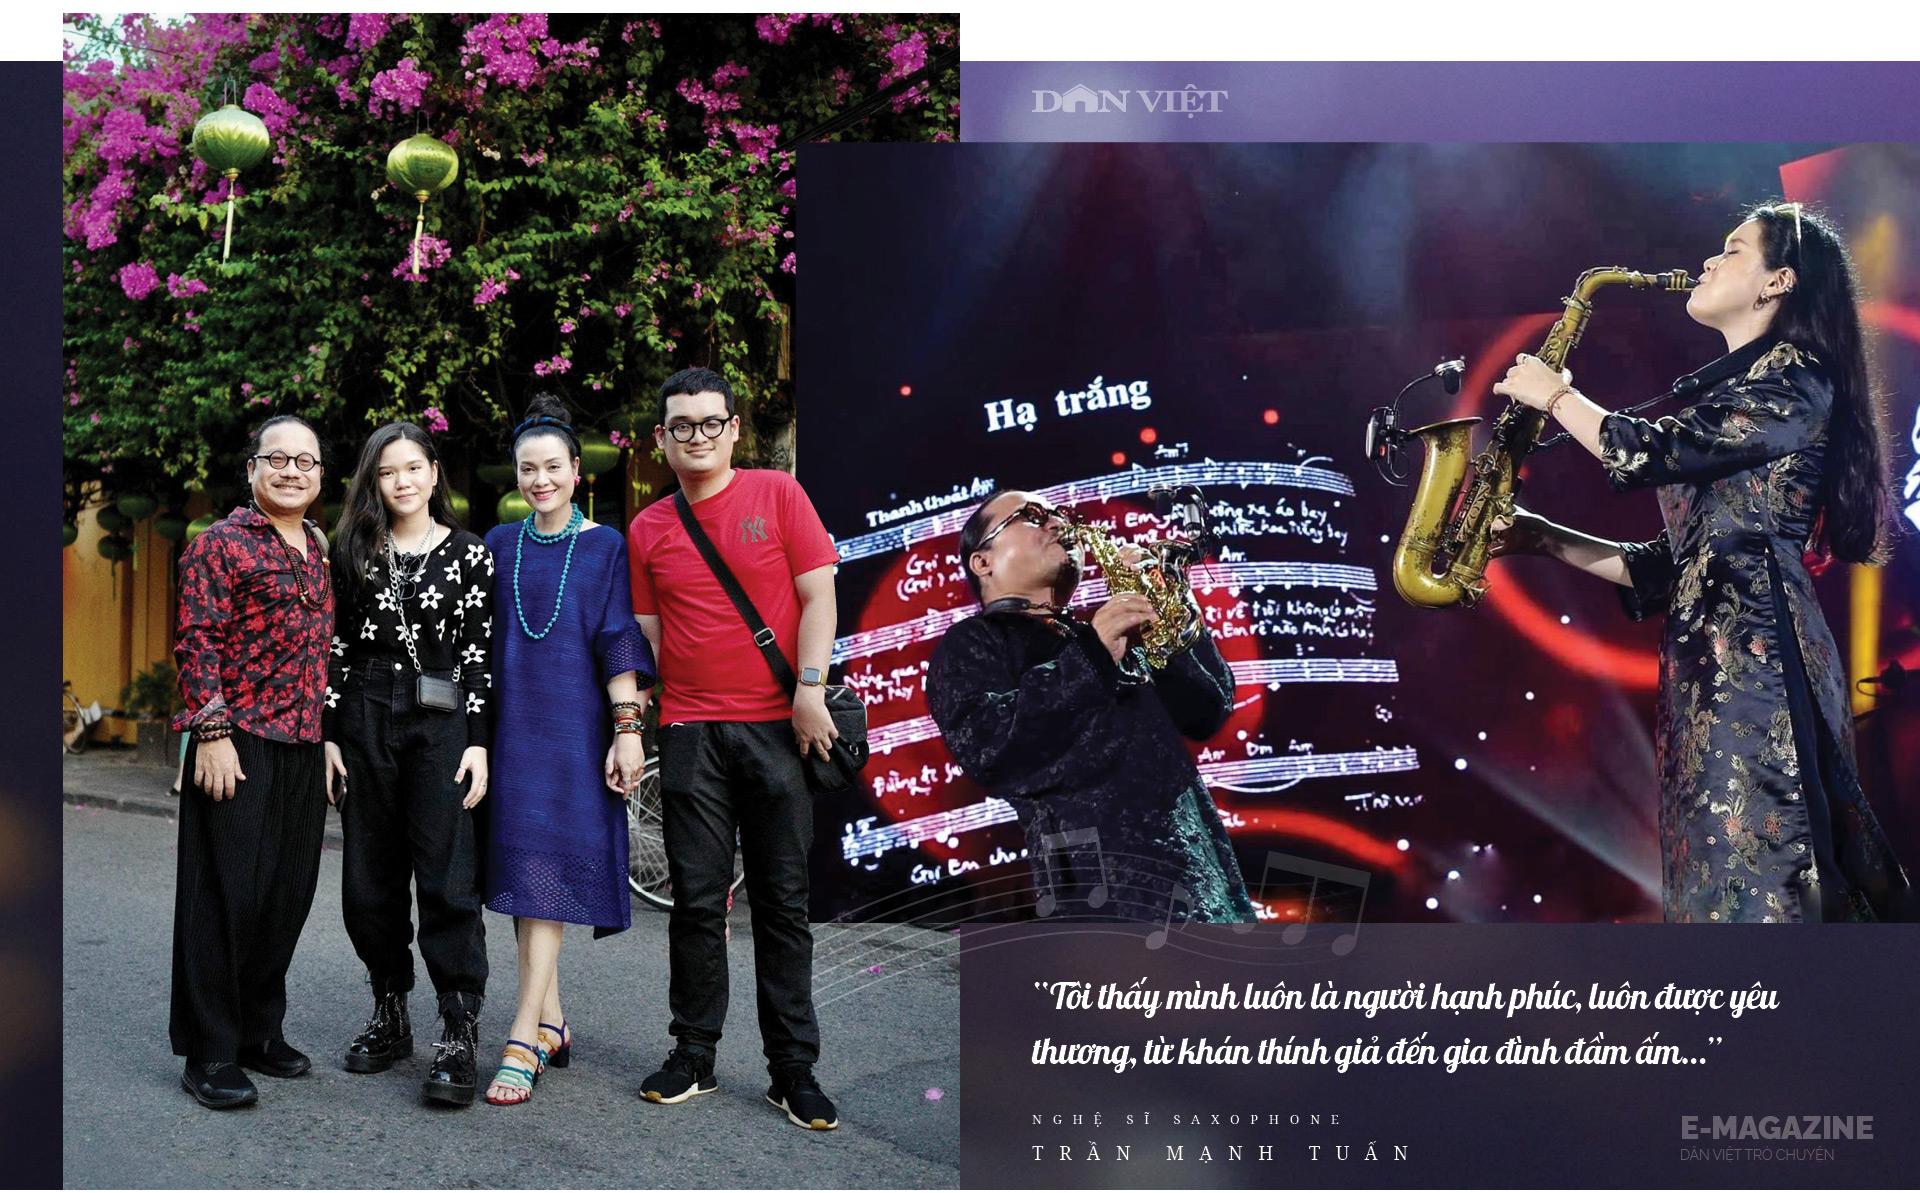 """Nghệ sĩ saxophone Trần Mạnh Tuấn: """"Diễn giữa không gian bệnh viện dã chiến là điều đặc biệt nhất trong đời"""" - Ảnh 16."""